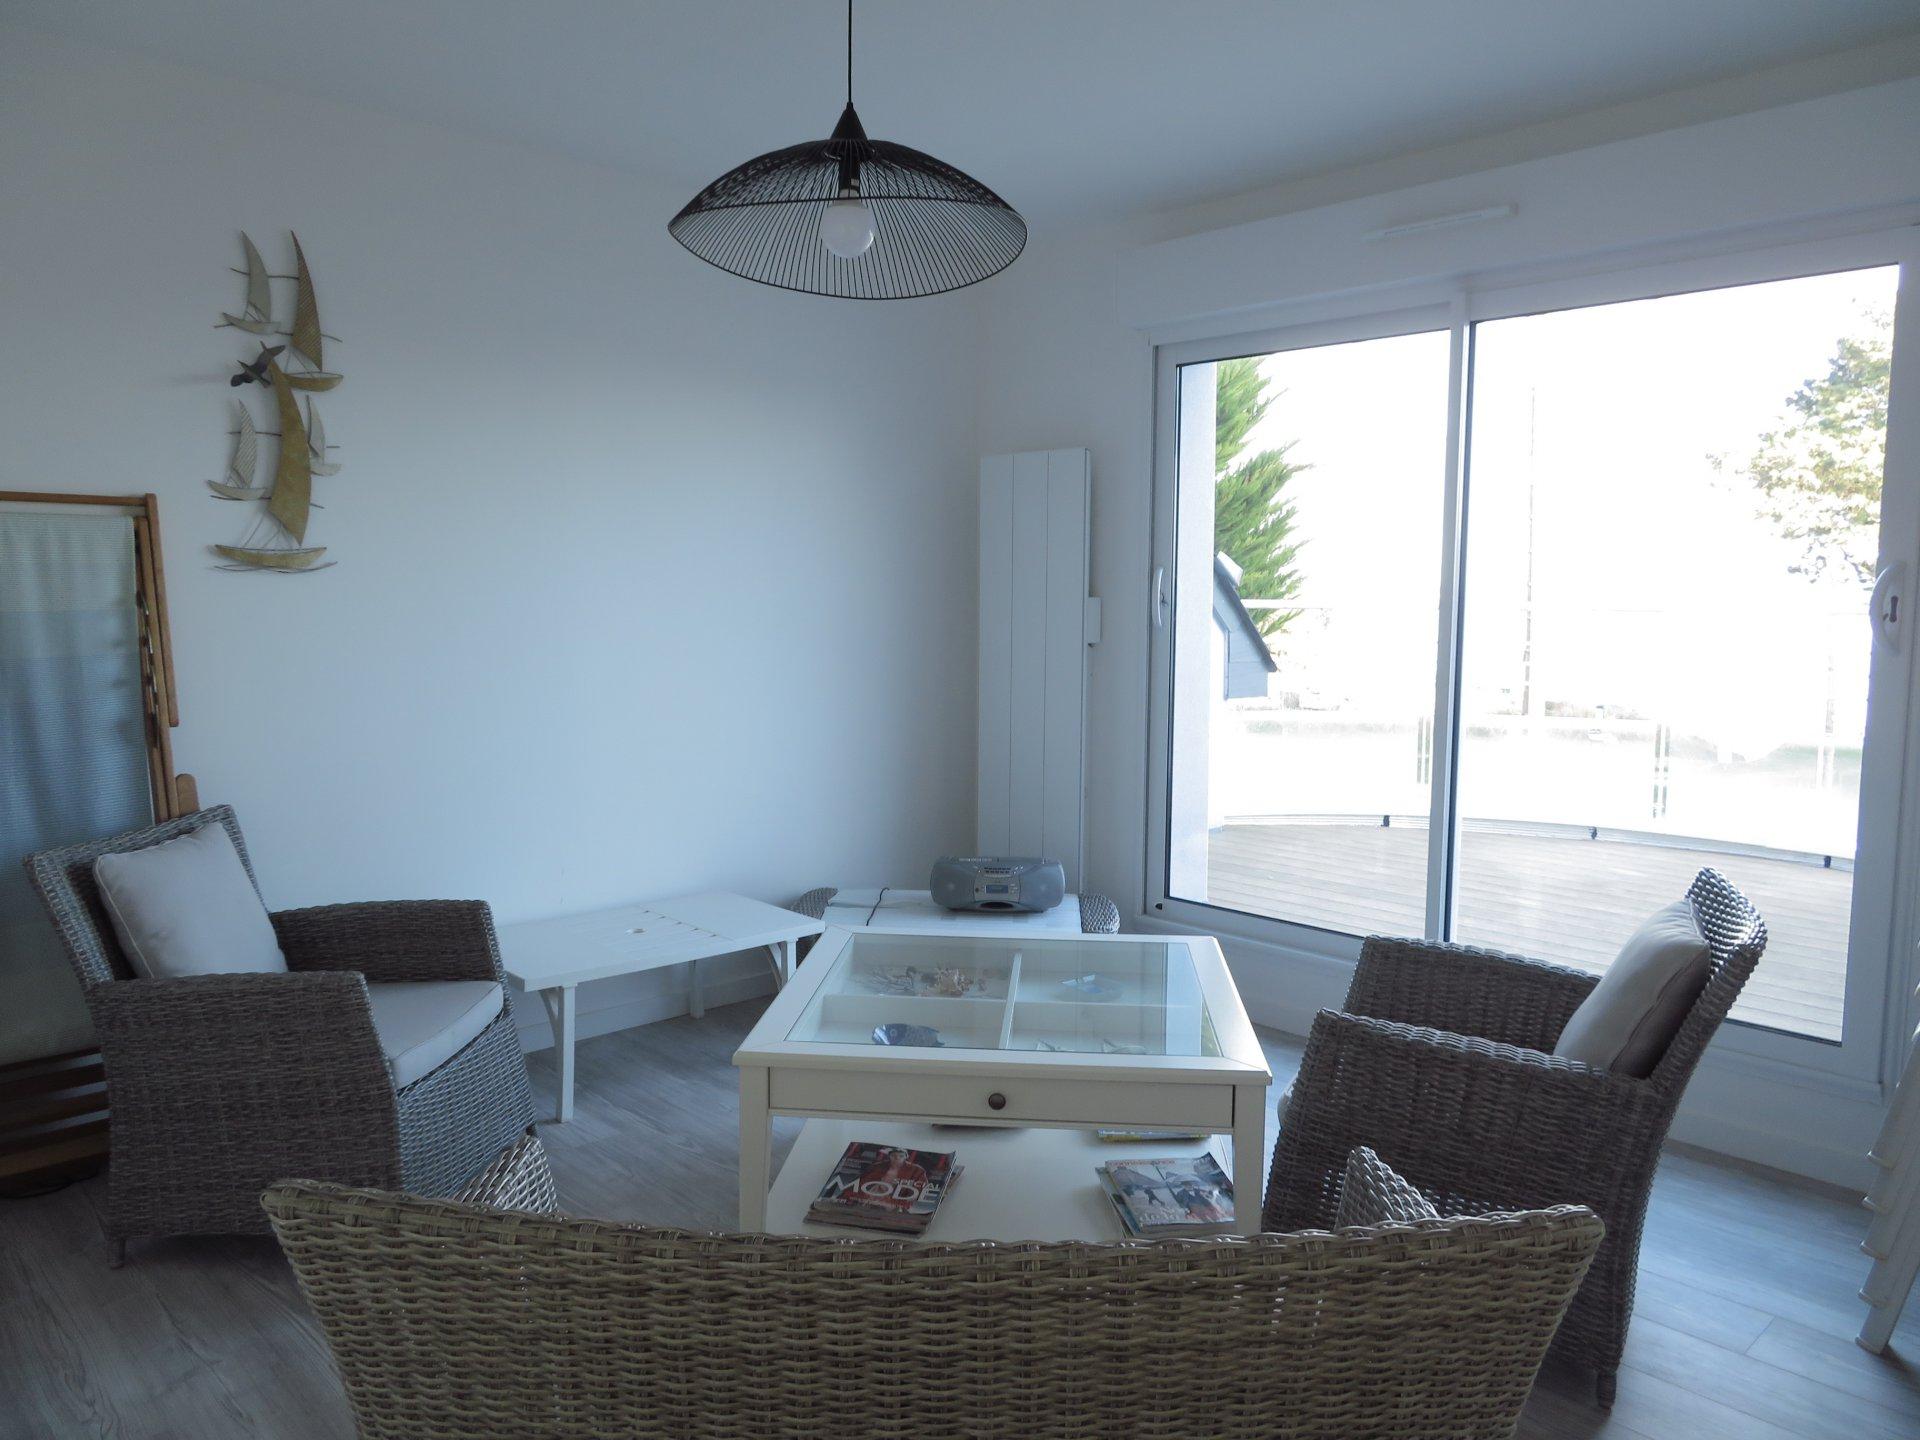 Maison à louer à Damgan Maison pour 6 personnes vue sur la petite plage de Kervoyal